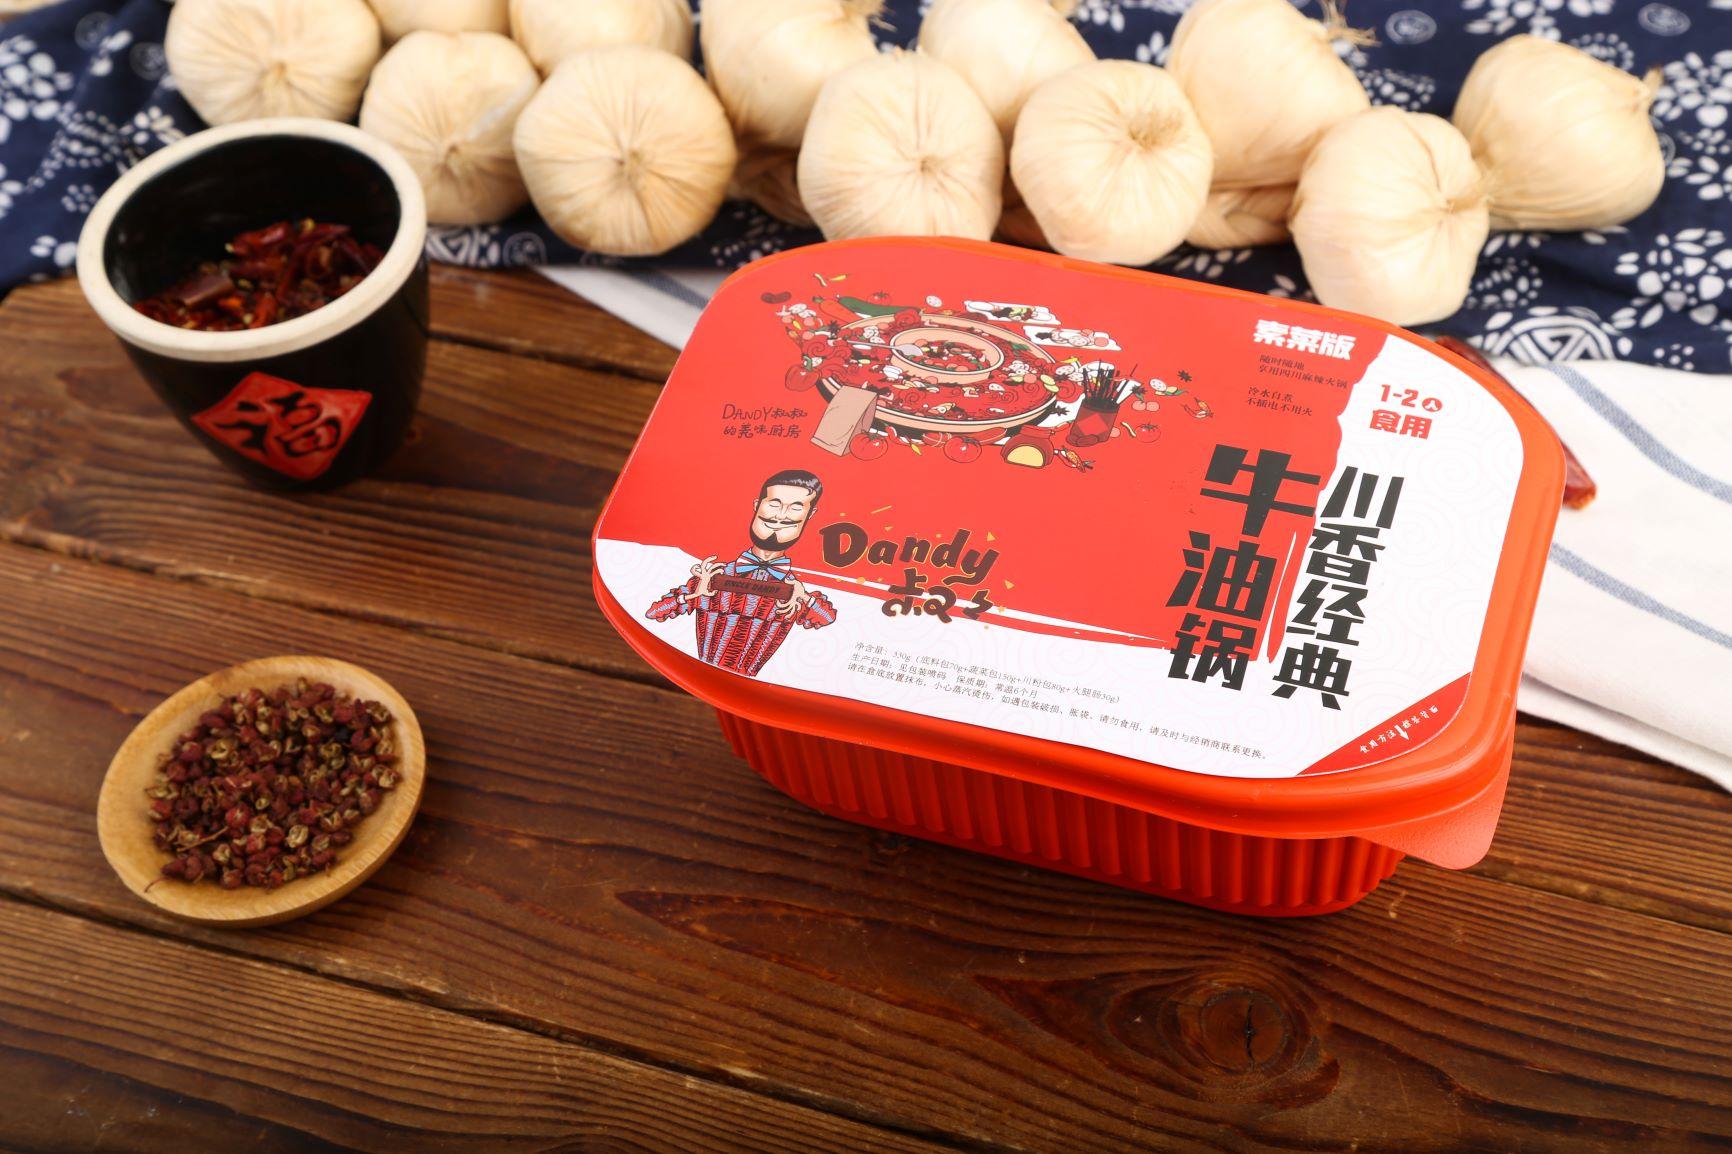 Dandy叔叔素菜版自热火锅3盒装速食懒人火锅自煮小火锅网红方便